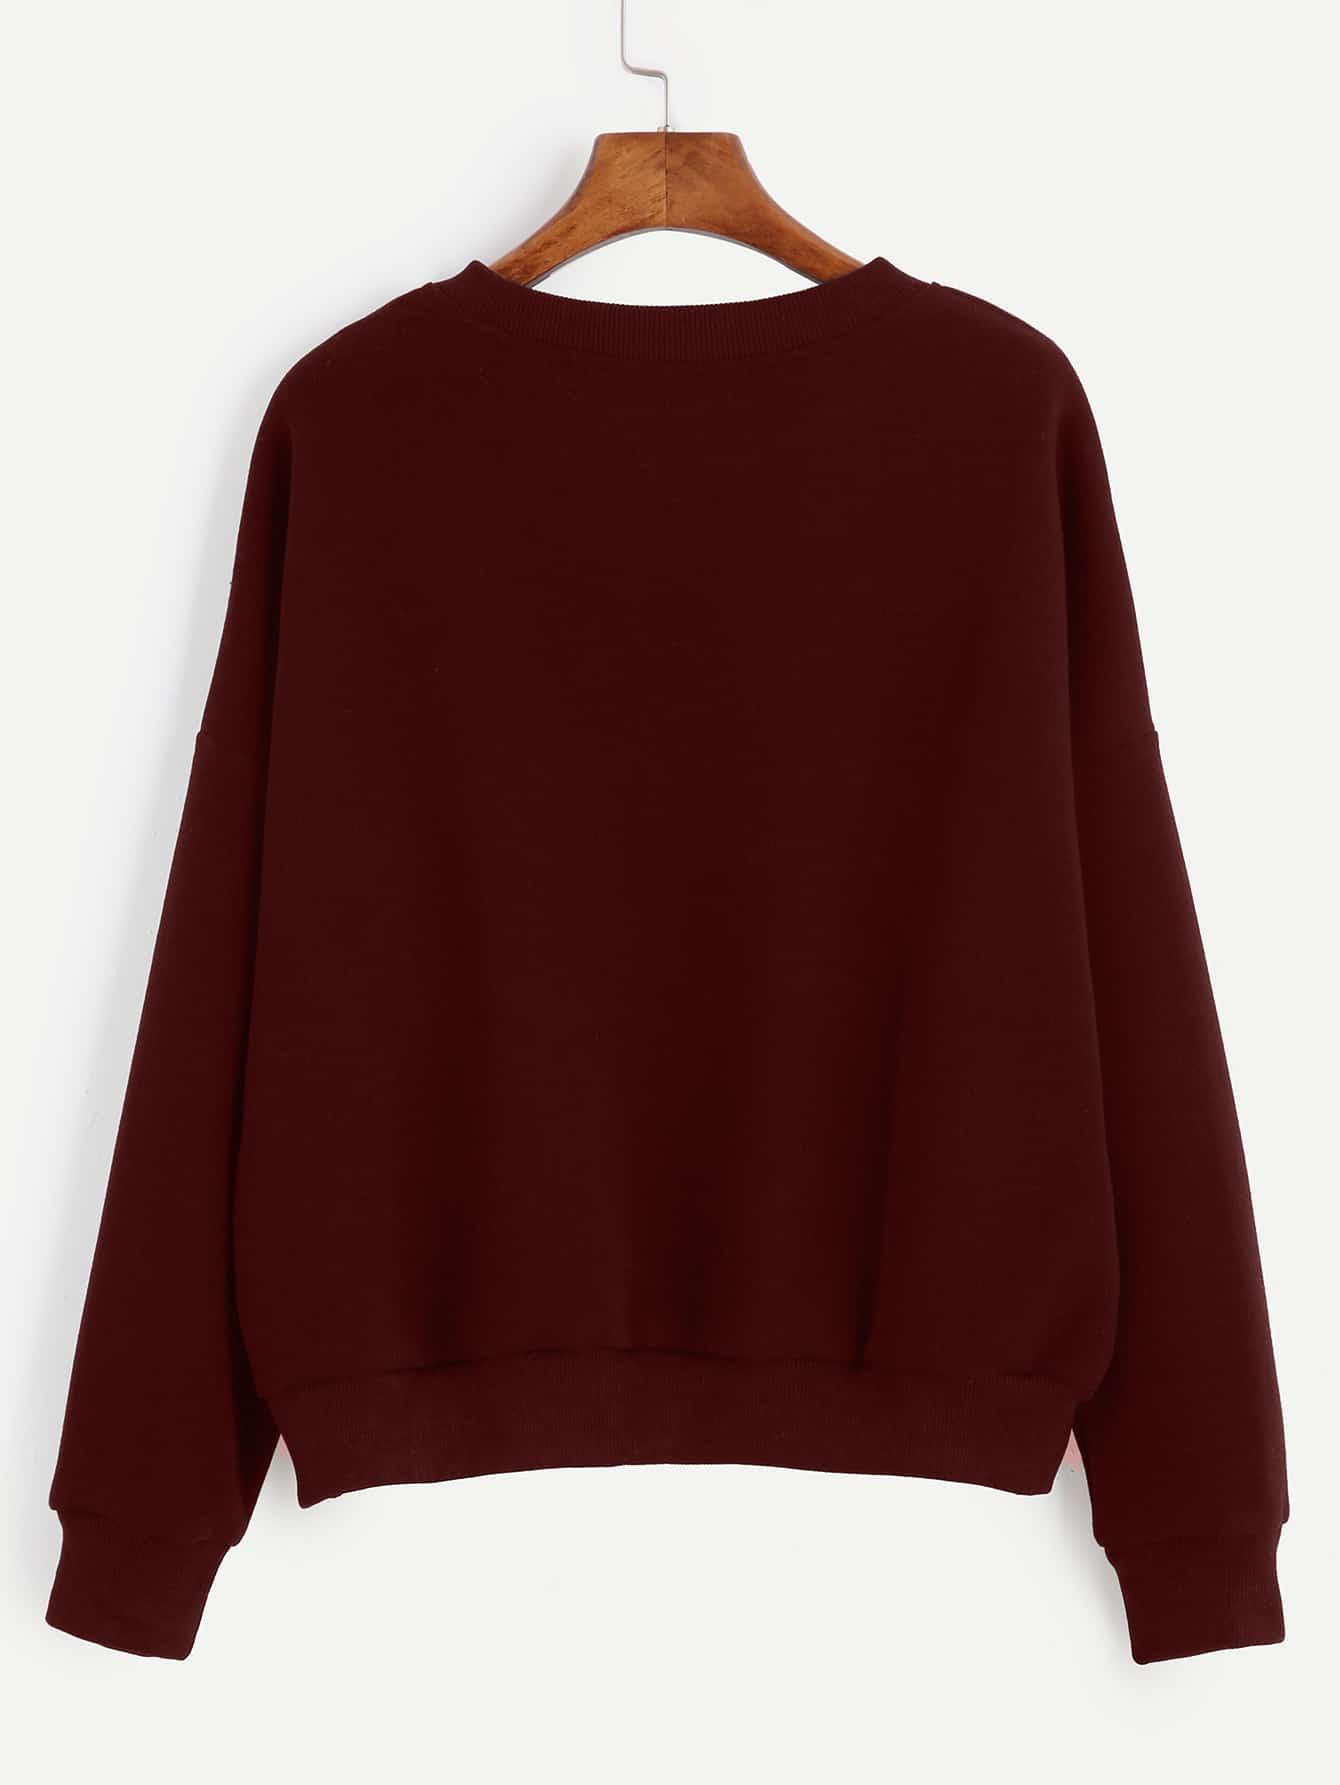 sweatshirt161121105_2